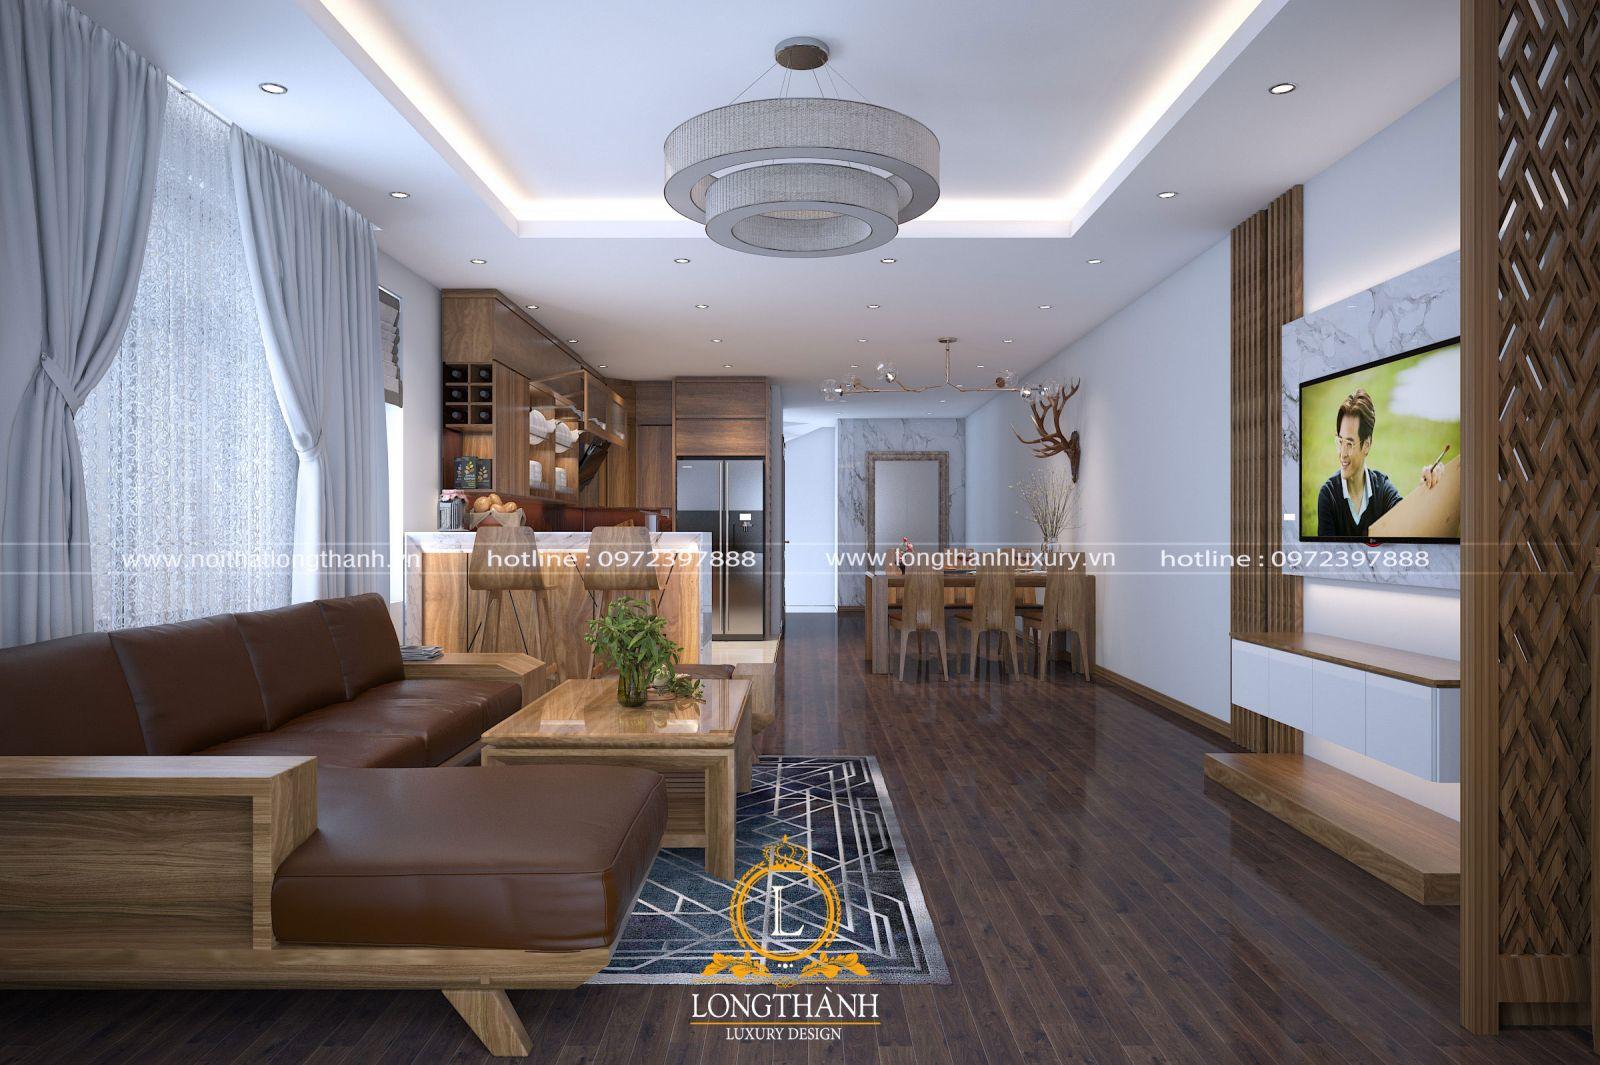 Mẫu thiết kế nội thất nhà phố theo phong cách hiện chất liệu gỗ tự nhiên